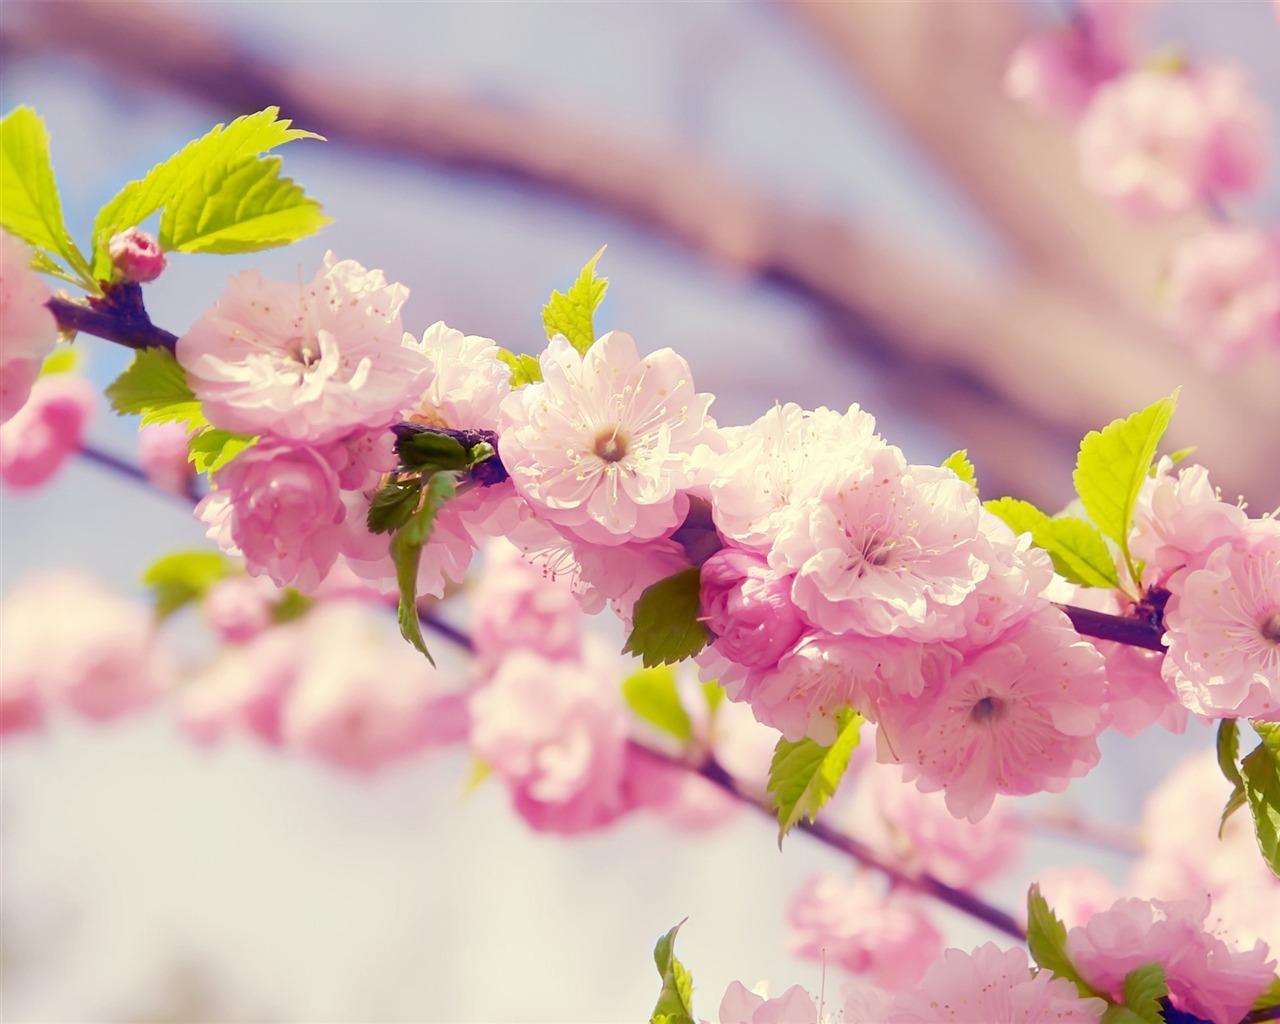 春季唯美樱花摄影高清壁纸 - 1280x1024 壁纸 下载图片